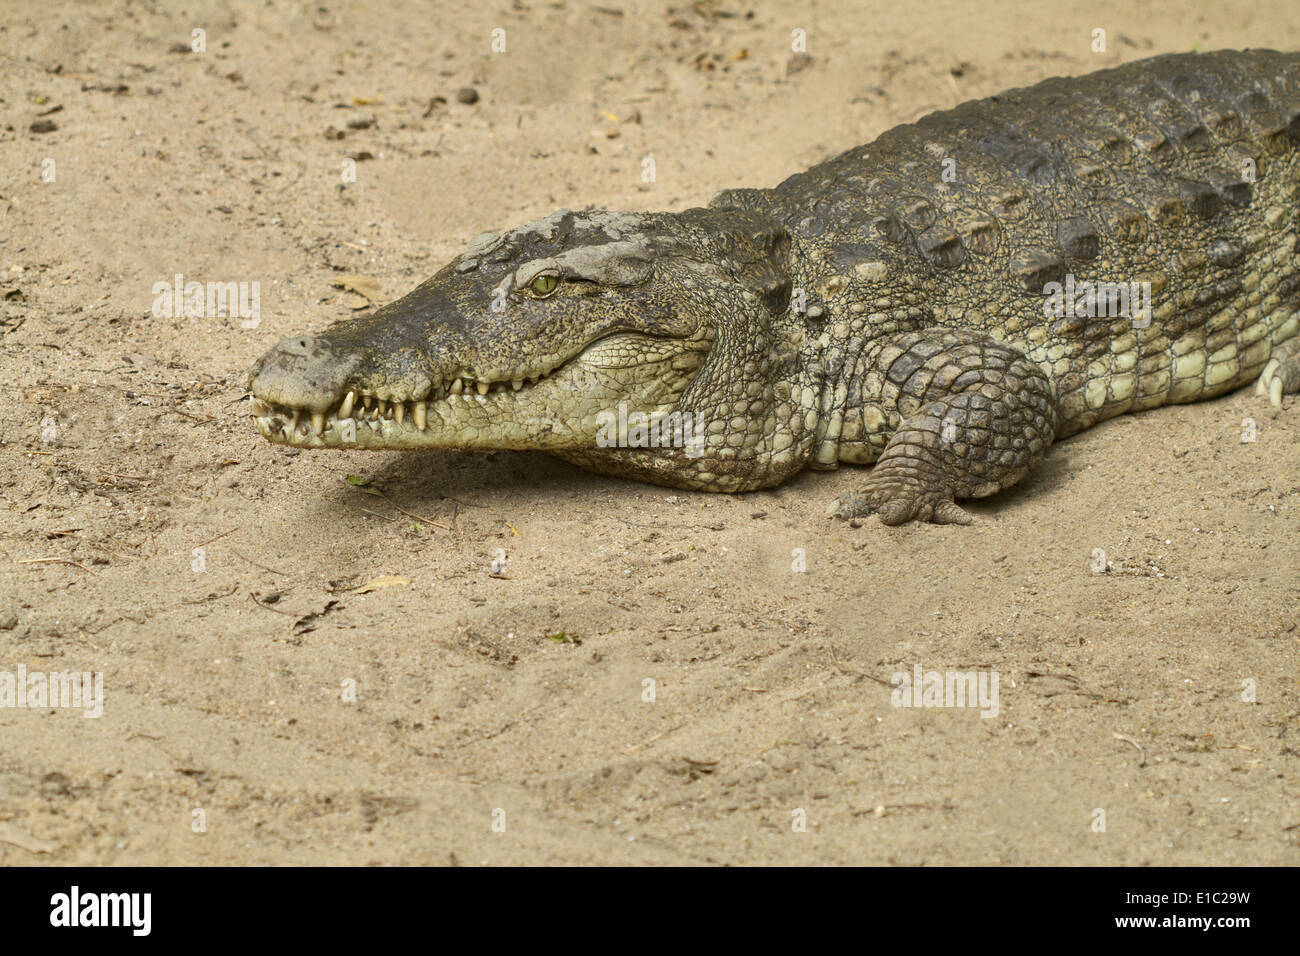 Saltwater crocodile, estuarine crocodile, Crocodylus porosus basking in sun. Mammalapuram, Tamil Nadu, India - Stock Image